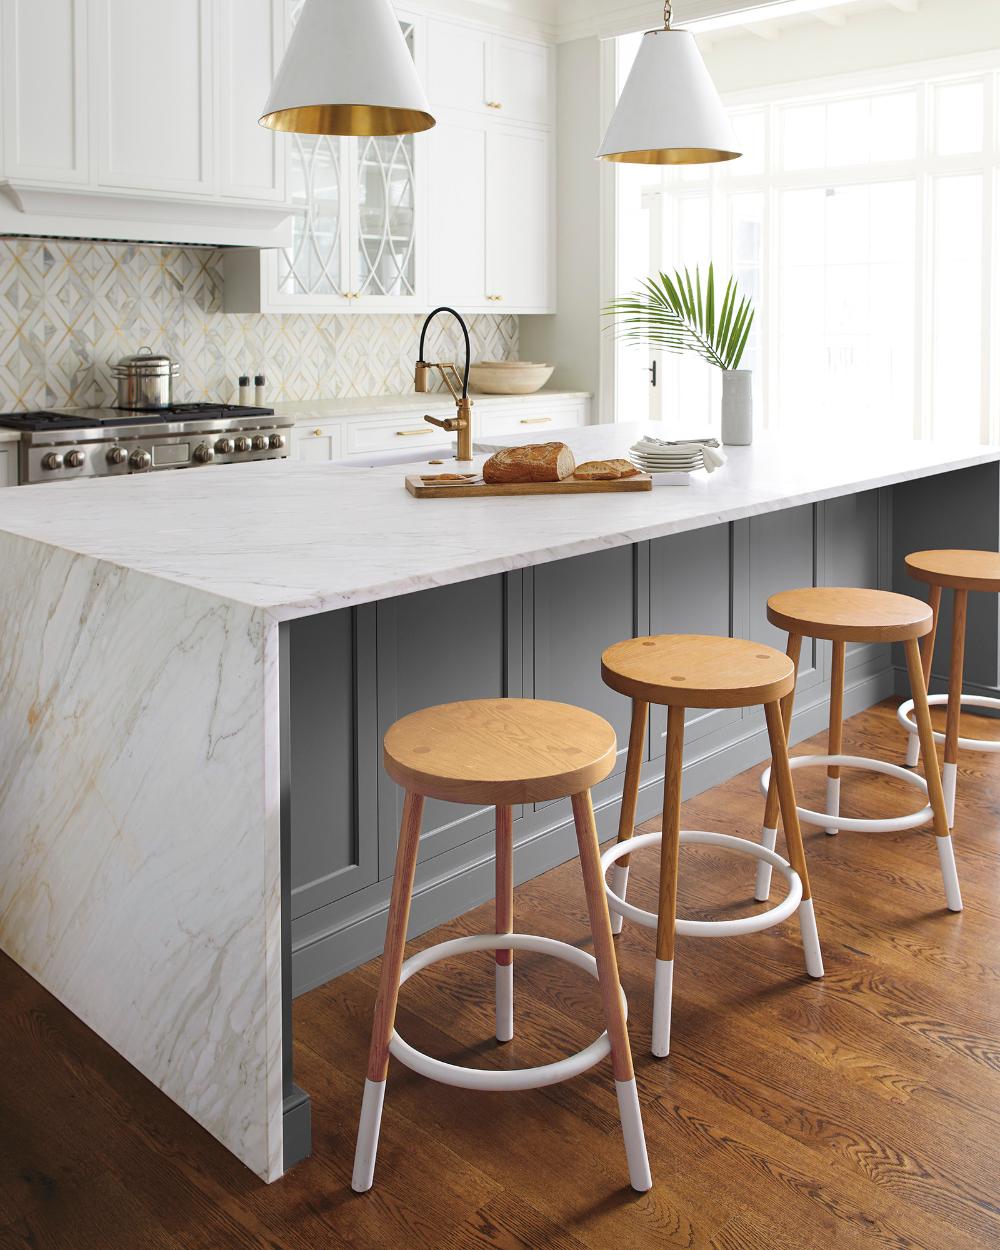 Beekman Counter Stool Kitchen Trends Kitchen Design Modern Kitchen